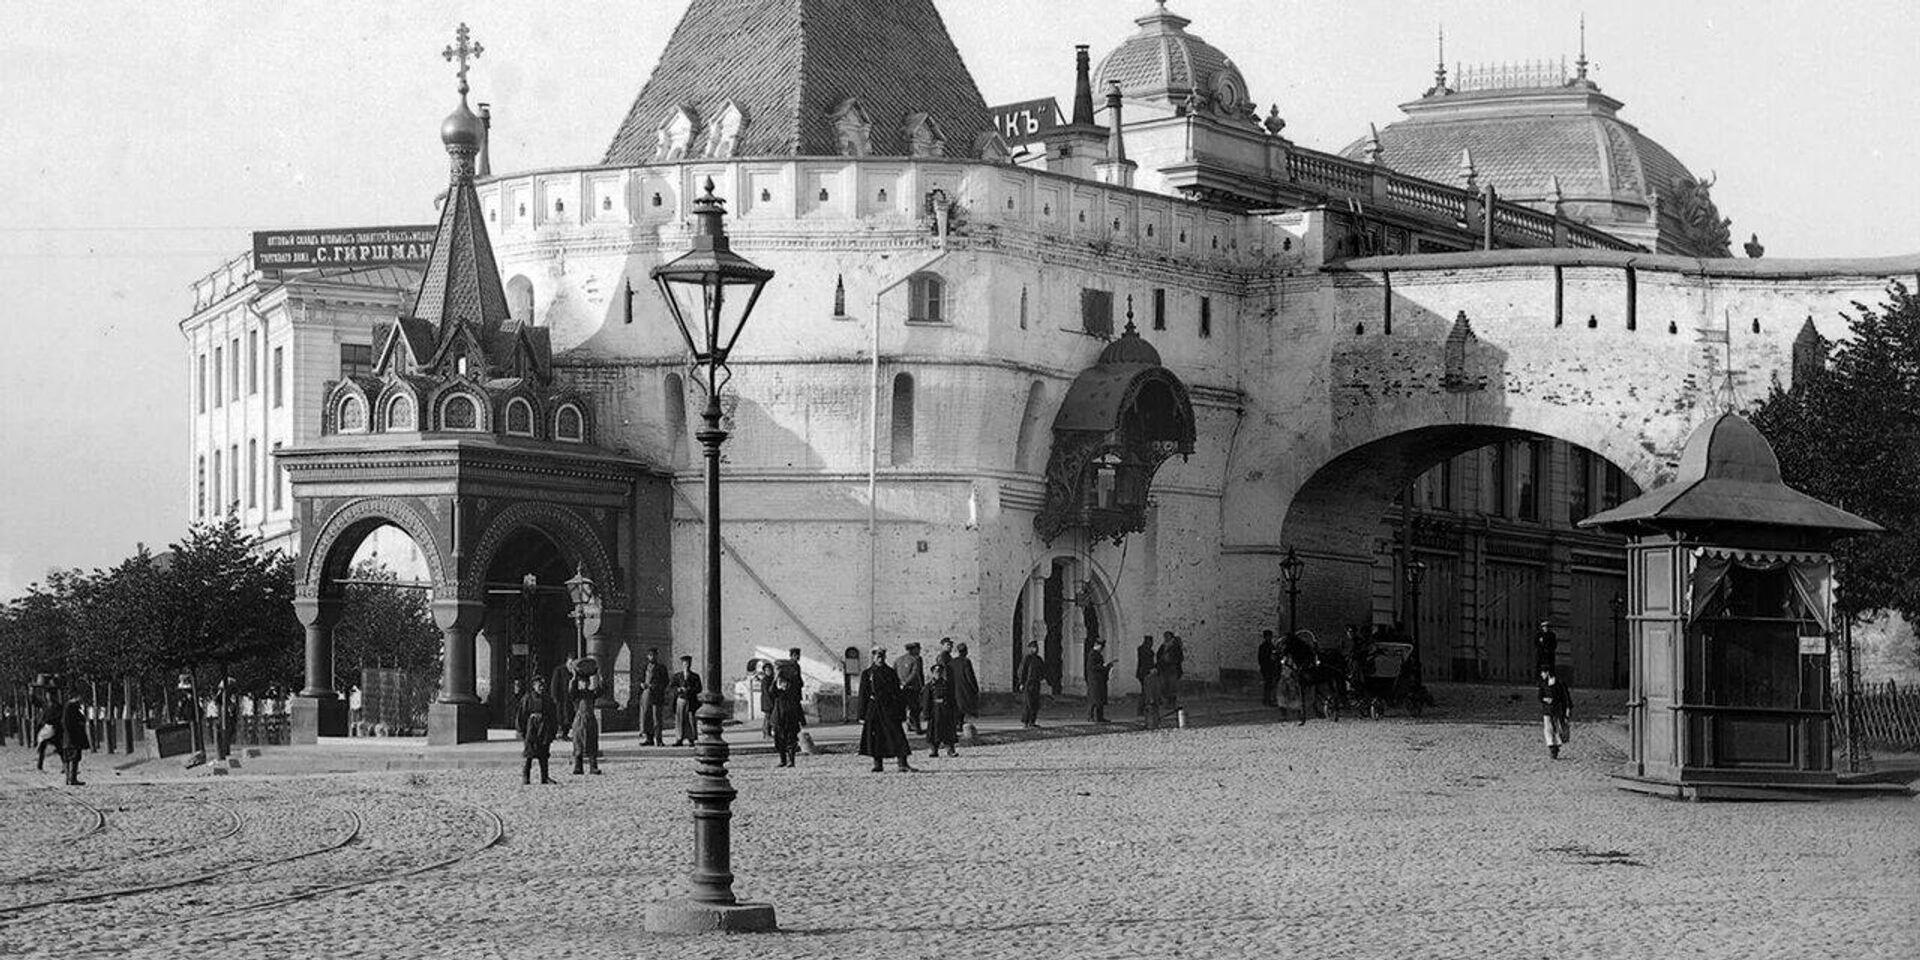 Исторический фонарь в Москве - РИА Новости, 1920, 25.01.2021